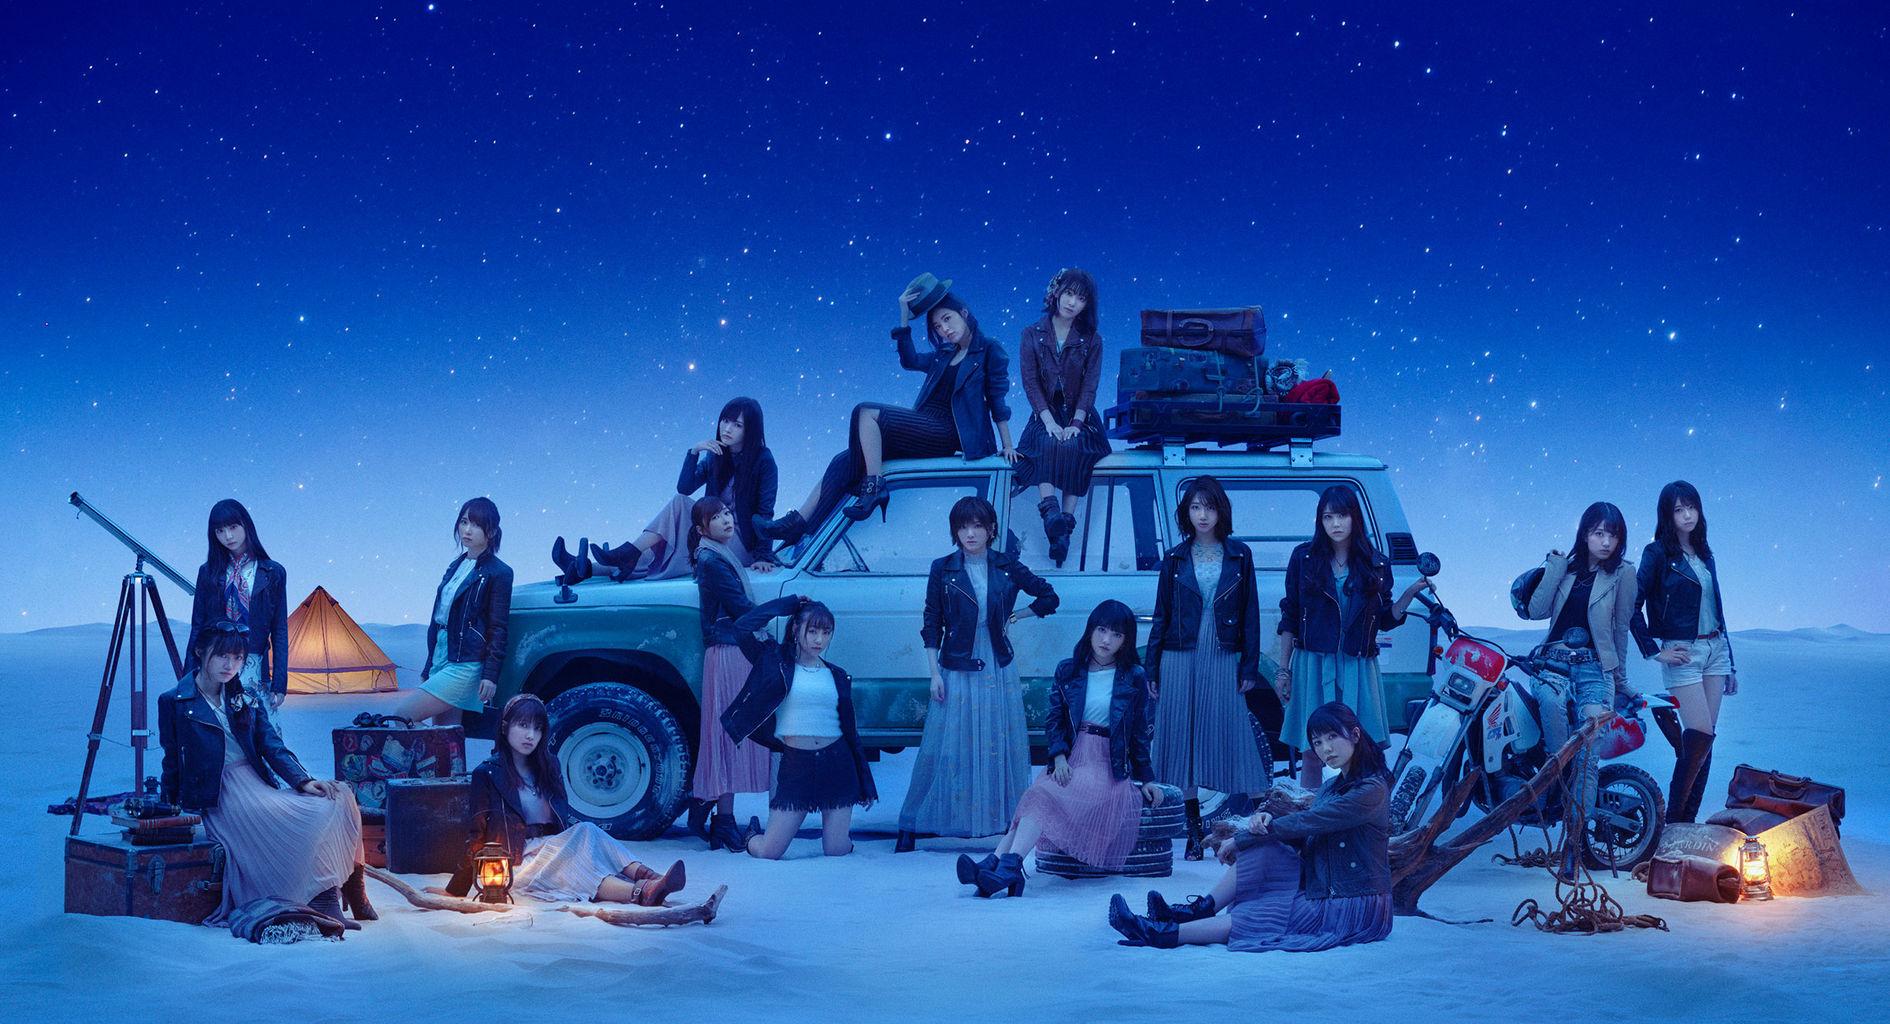 AKB48、来週1月26日のMステに出演!「予想外のストーリー」を披露!